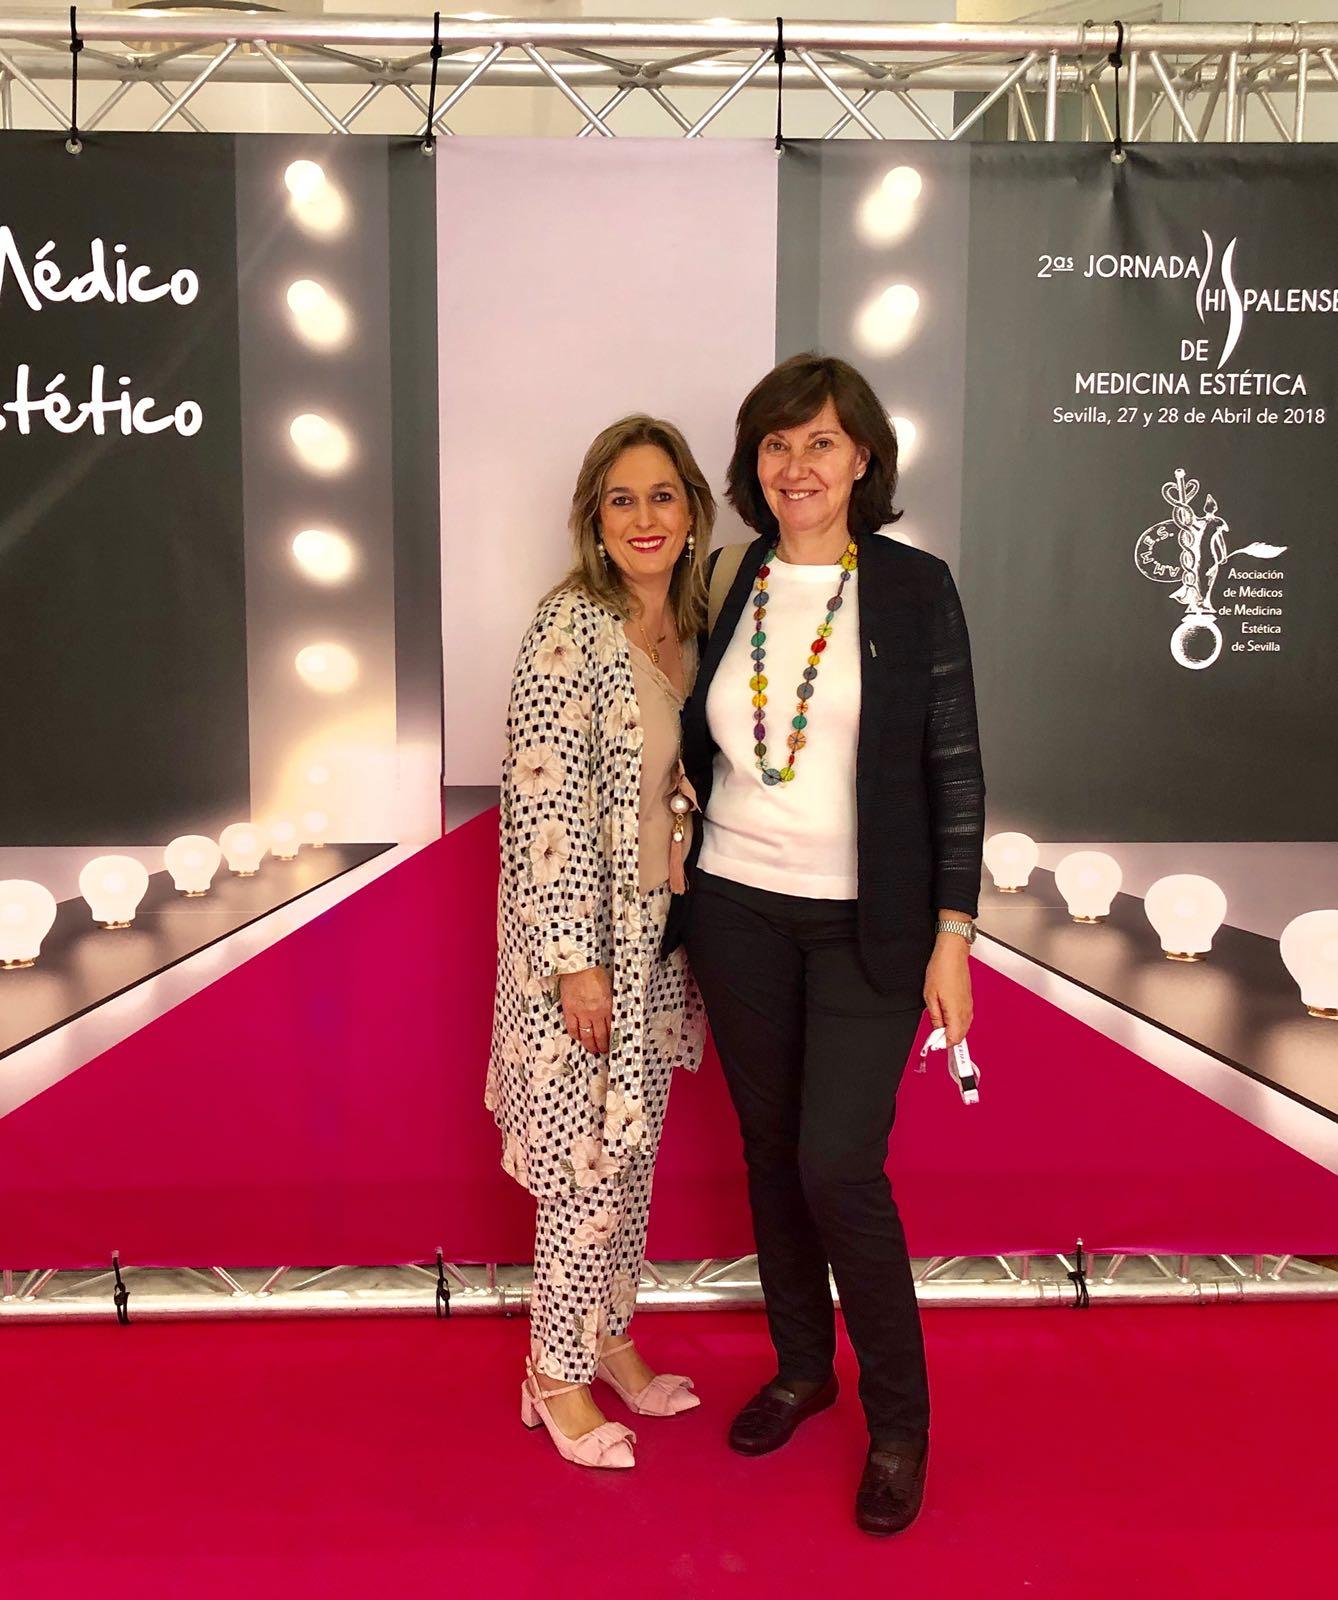 Con la Dra Encina Sánchez Jornadas Hispalenses 2018